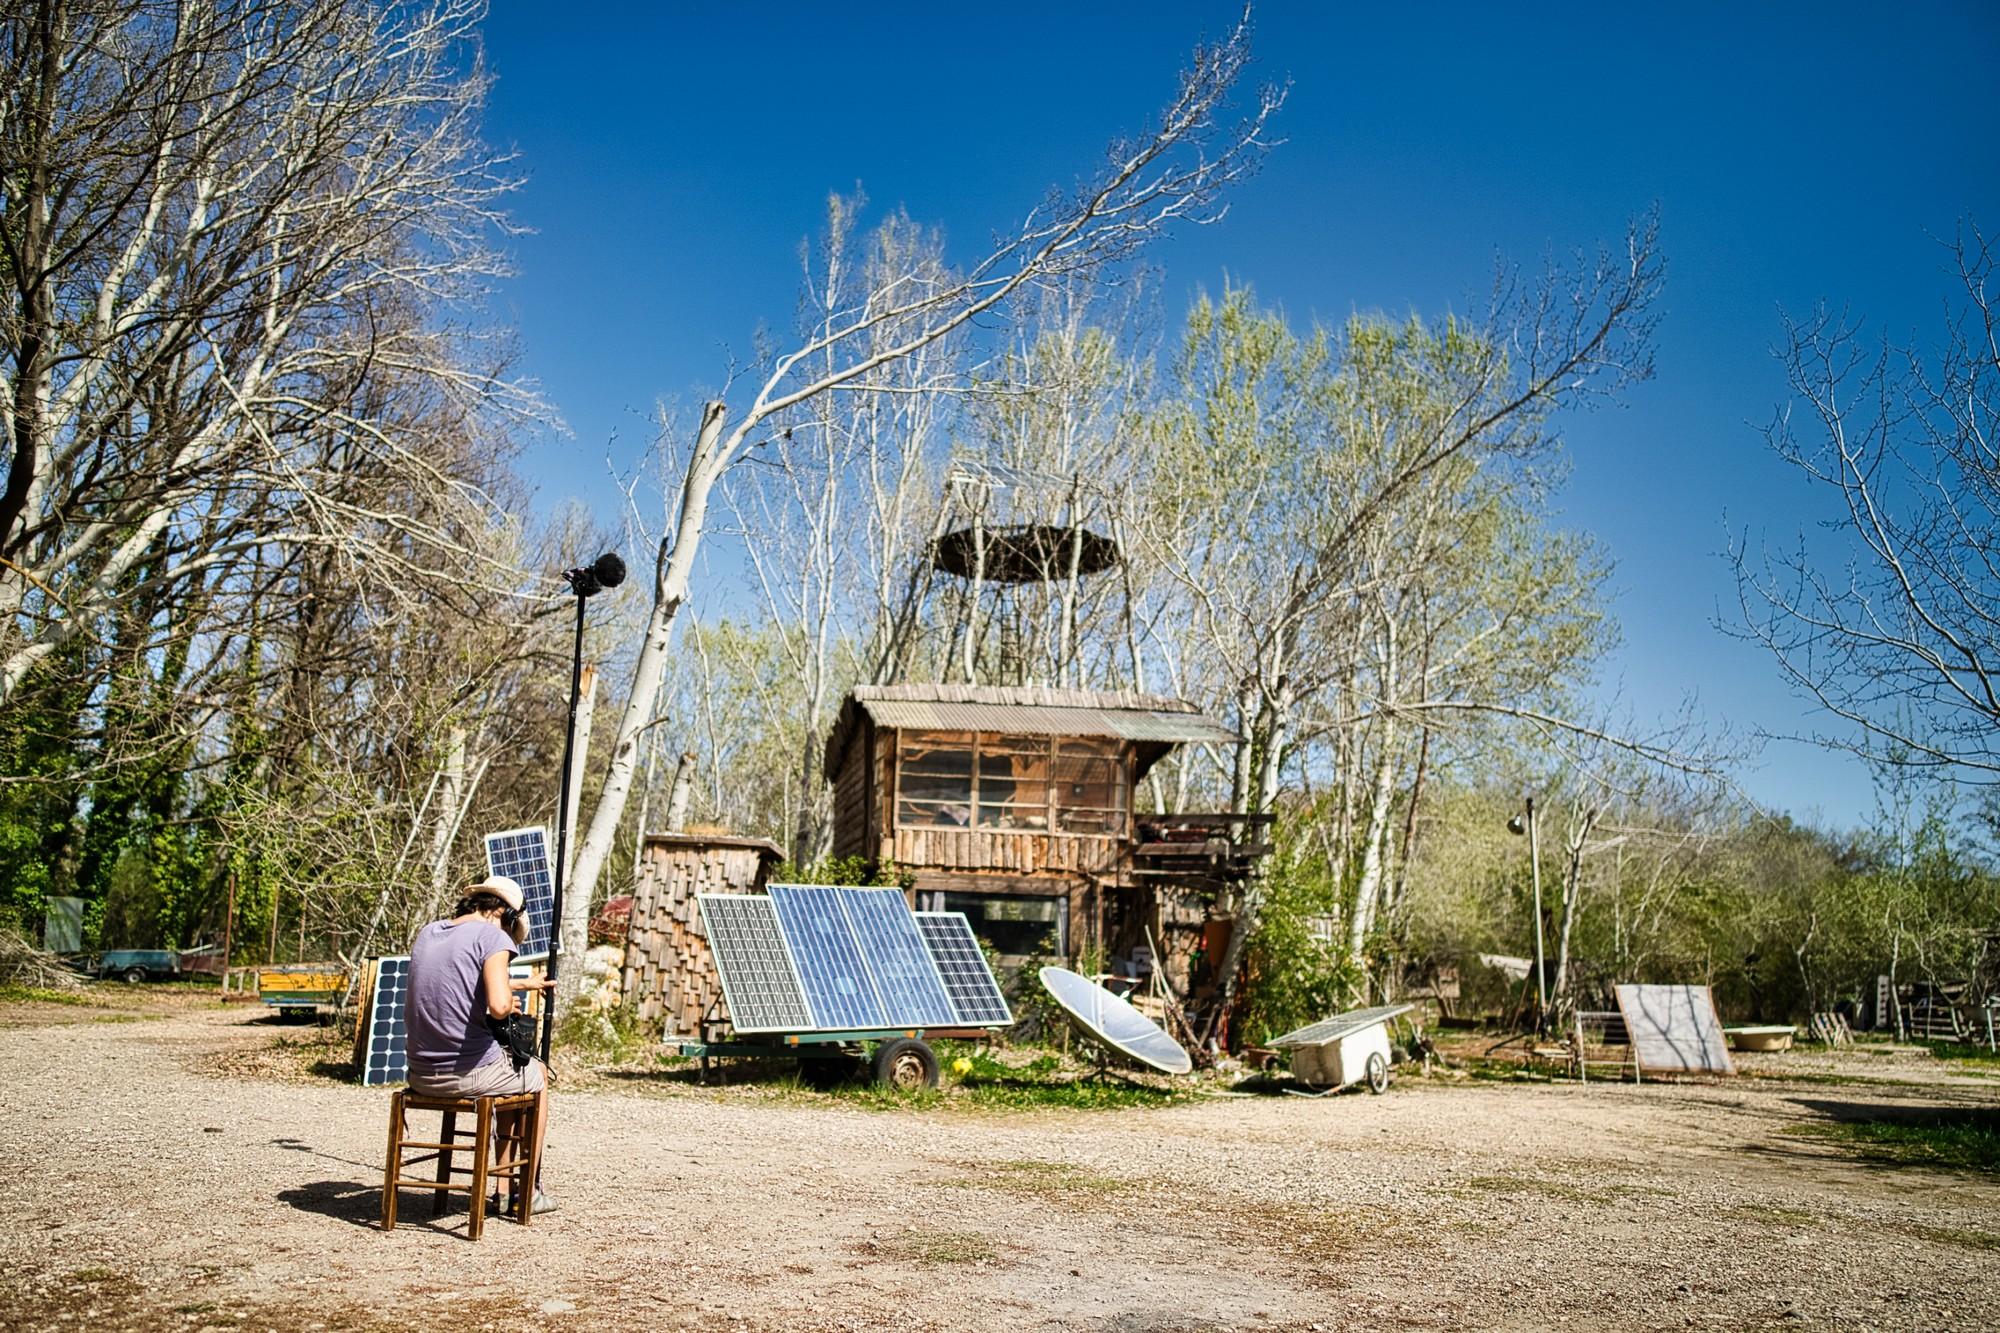 Un épisode de la série documentaire sera consacré à la Multiversité Bidouill'art,une ressourcerie au sud du Luberon qui prouve qu'il est possible de construire uniquement avec de l'énergie solaire.©KevinSimon